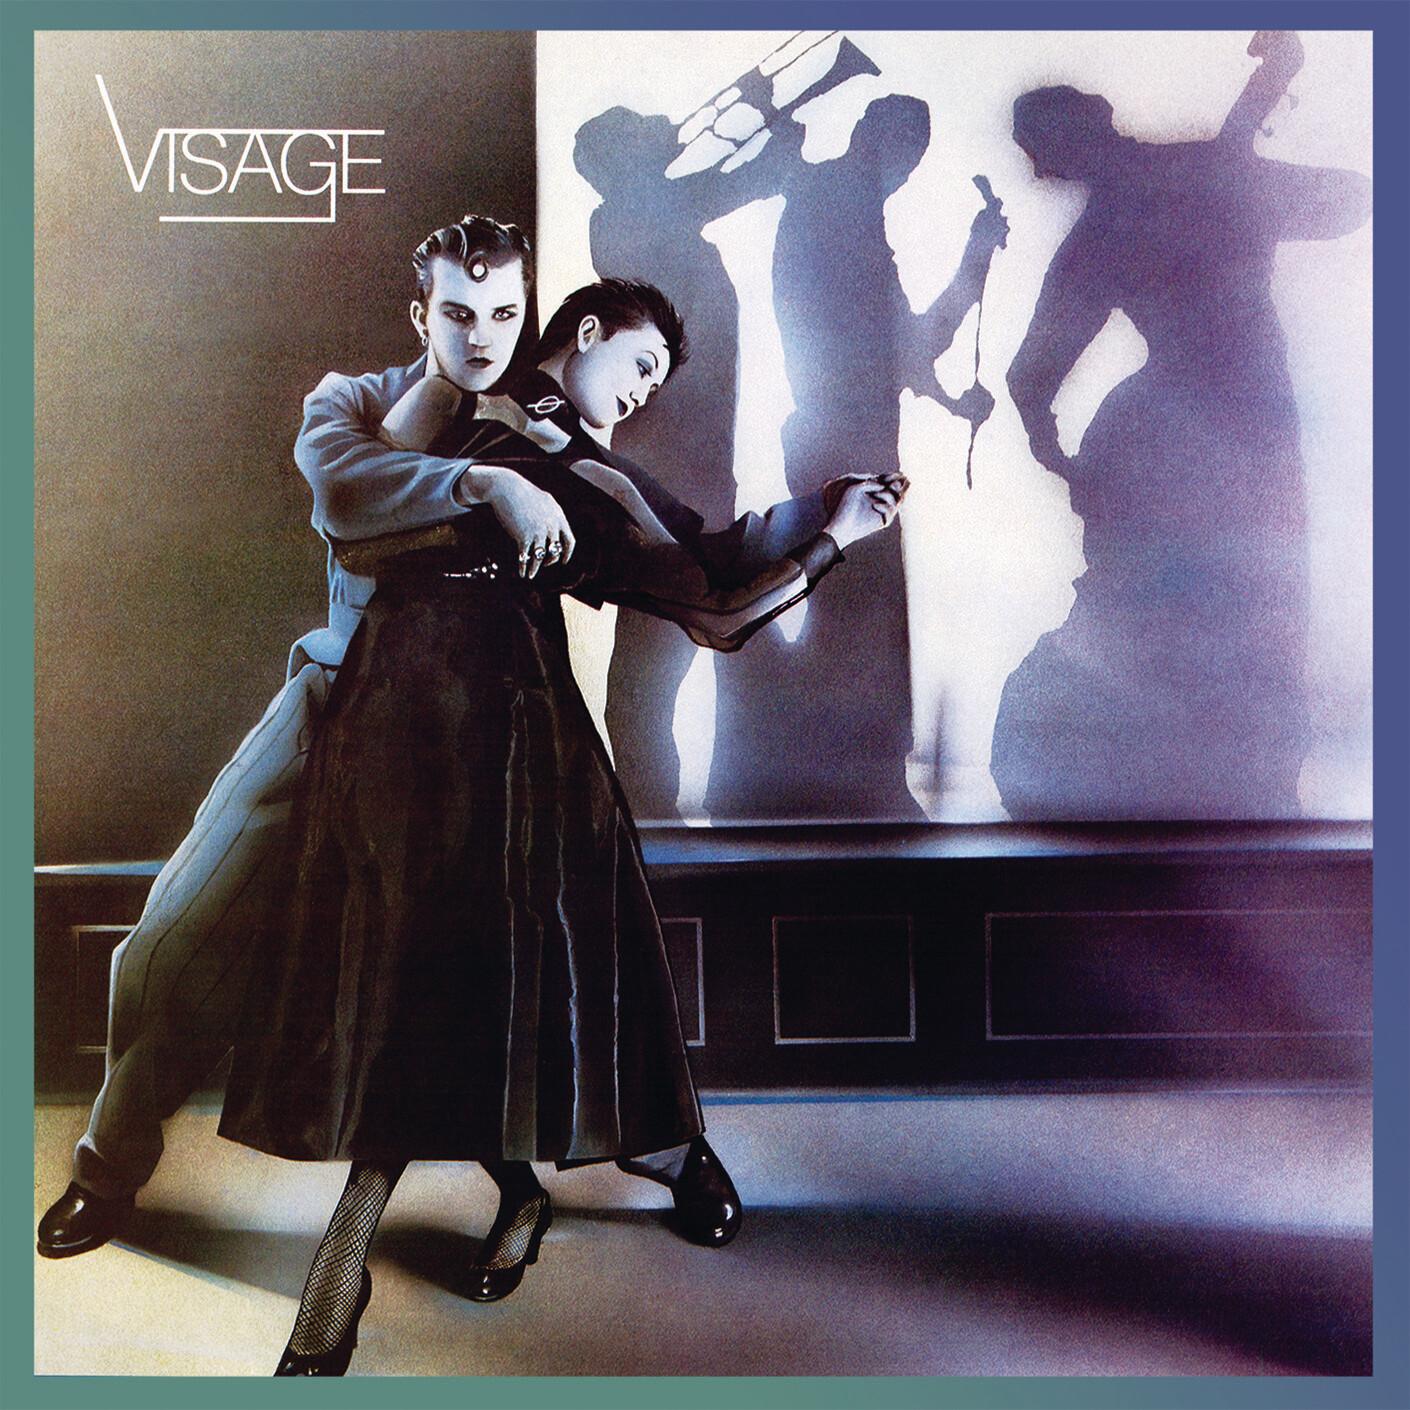 Visage / Visage CD (Expanded Edition)